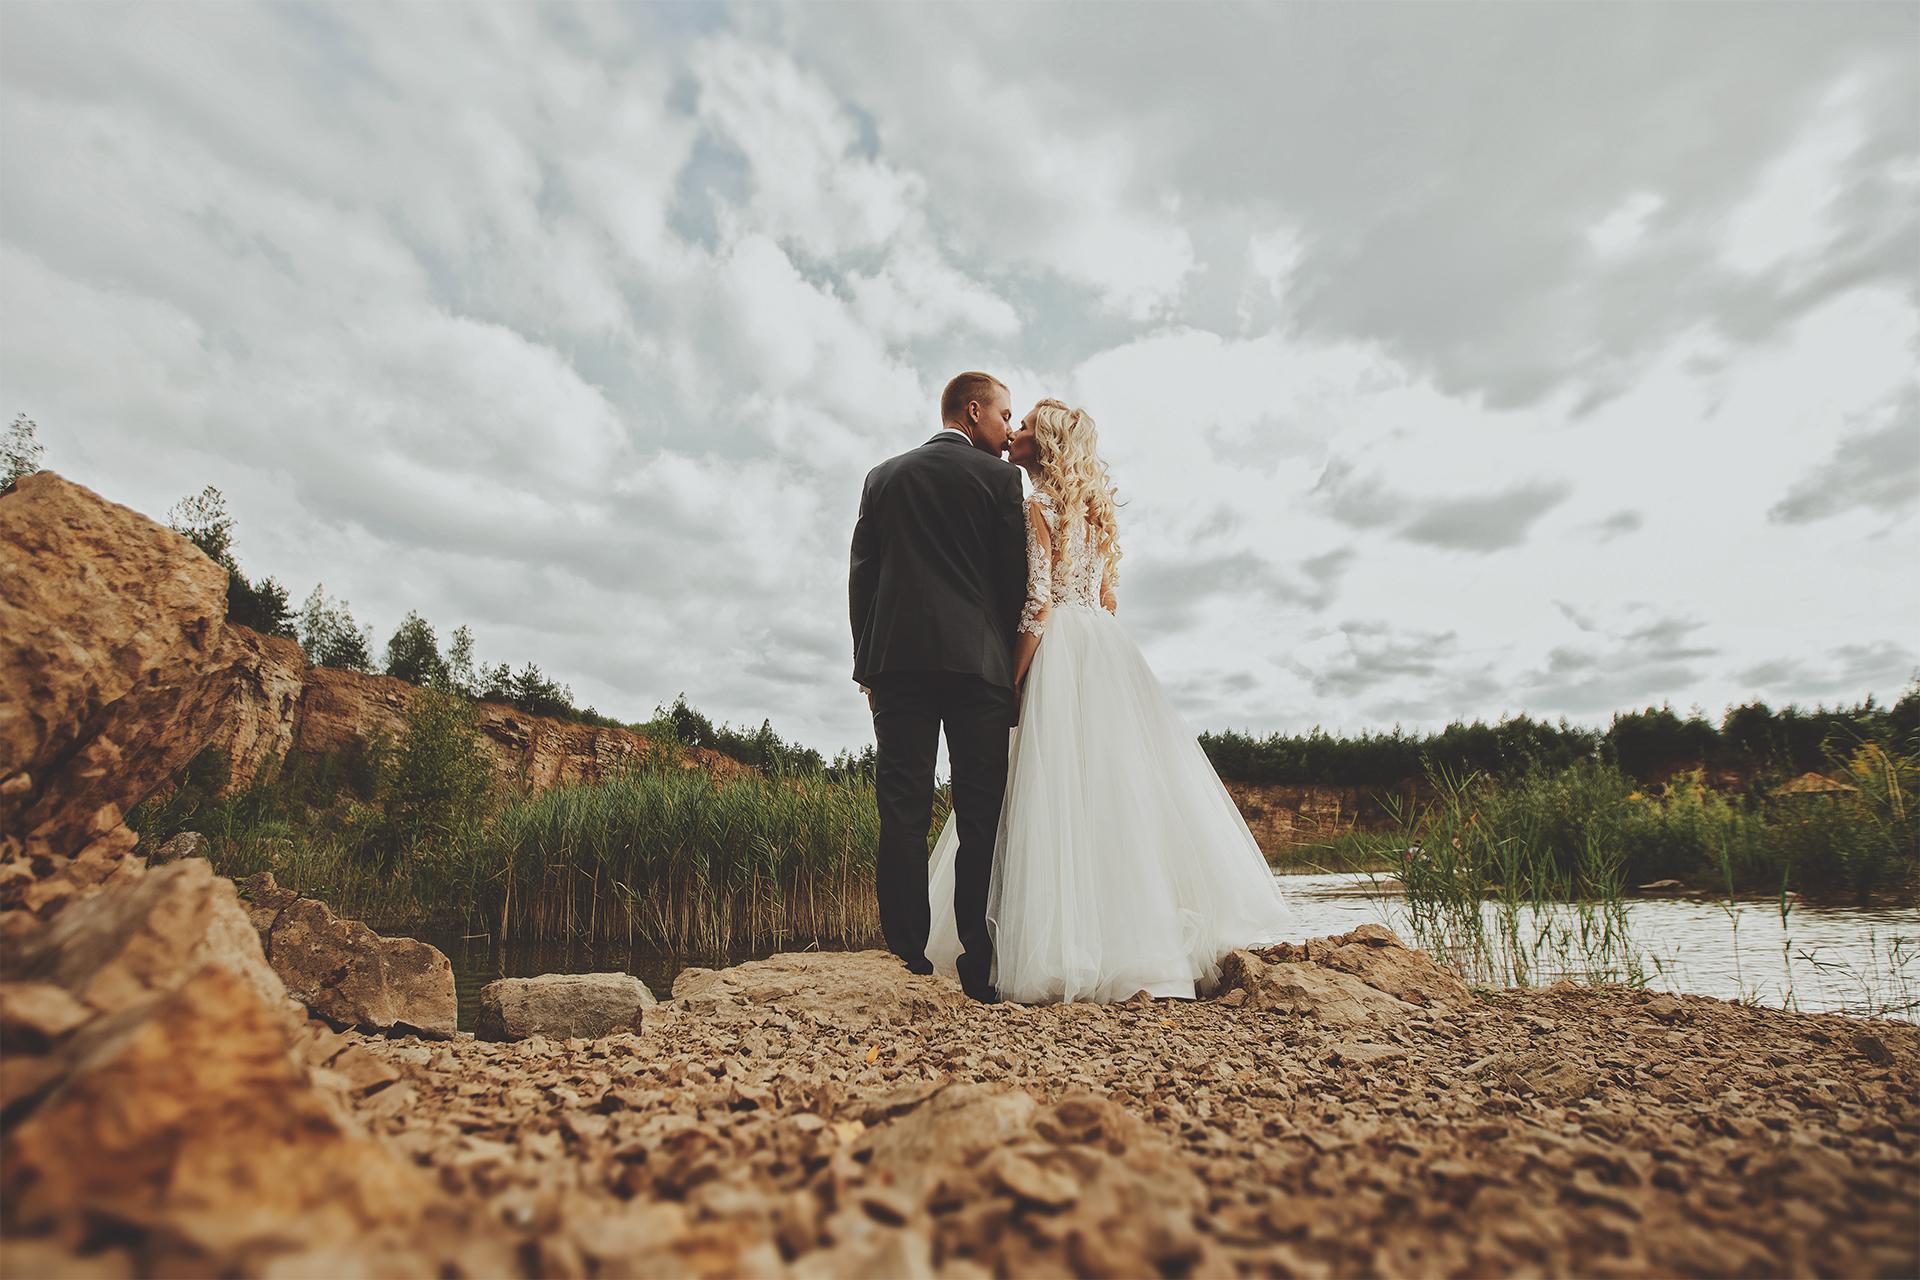 Plener ślubny - fotograf